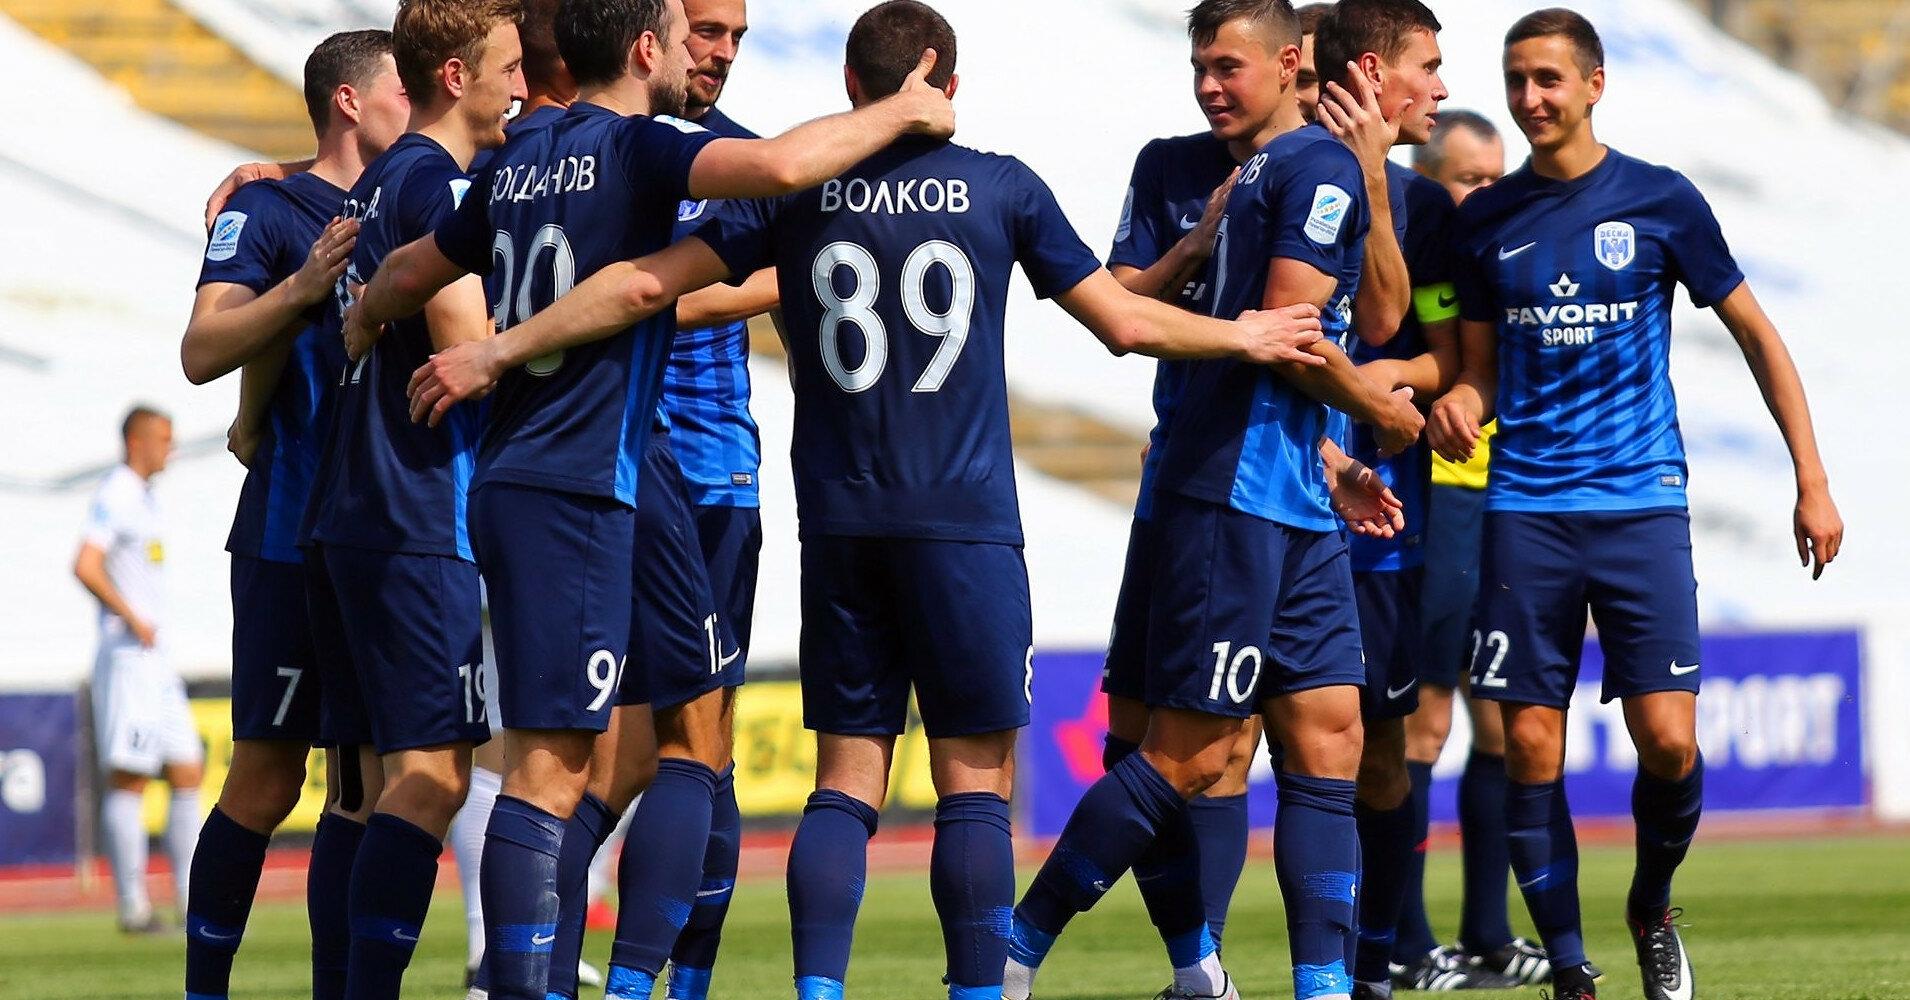 Олимпик будет жить: клуб с новым президентом будет выступать в Первой лиге